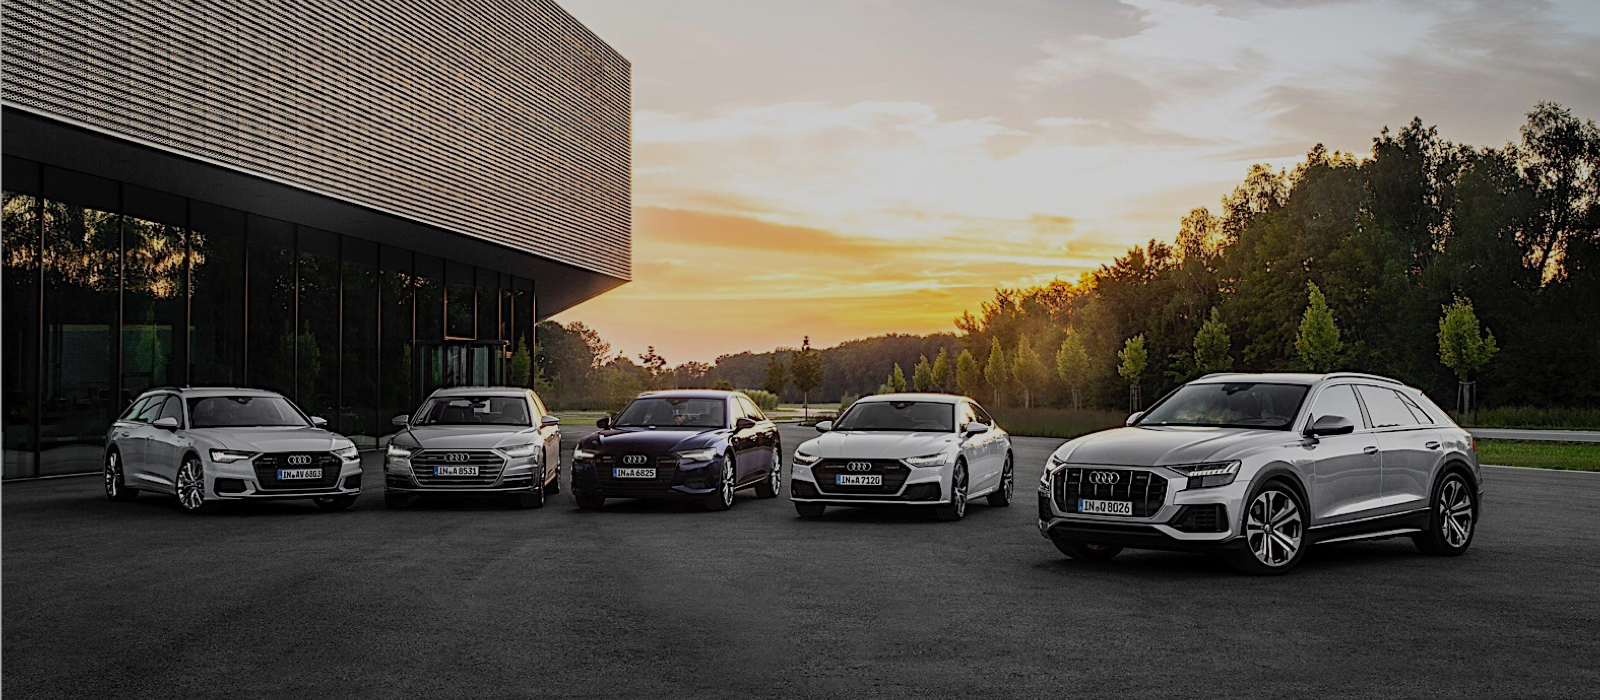 Bảng giá 2021 và các dòng xe mới nhất của Đại Lý Audi Đà Nẵng